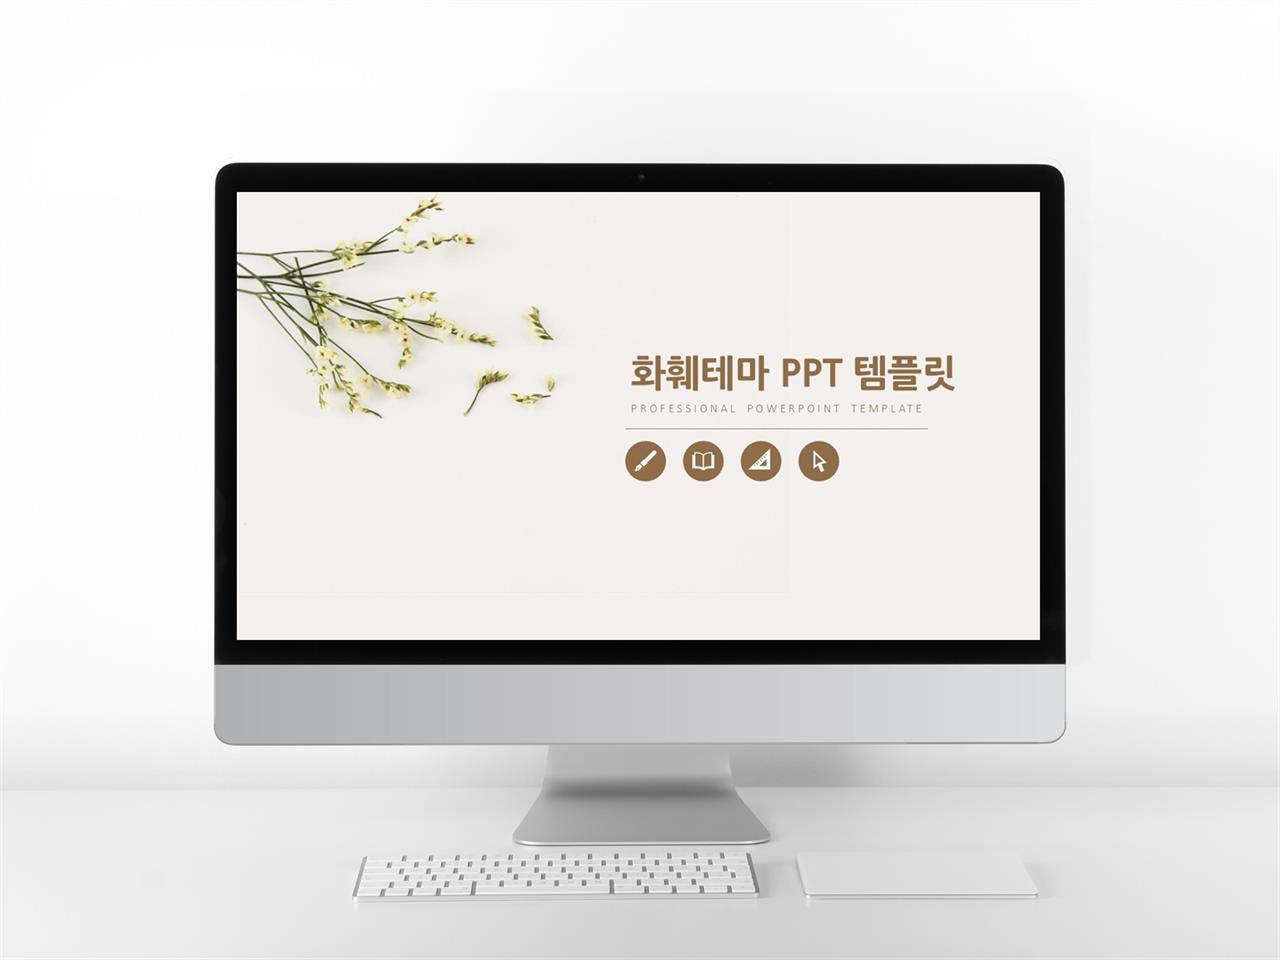 꽃과 동식물 주제 노란색 깜찍한 고급스럽운 파워포인트샘플 사이트 미리보기